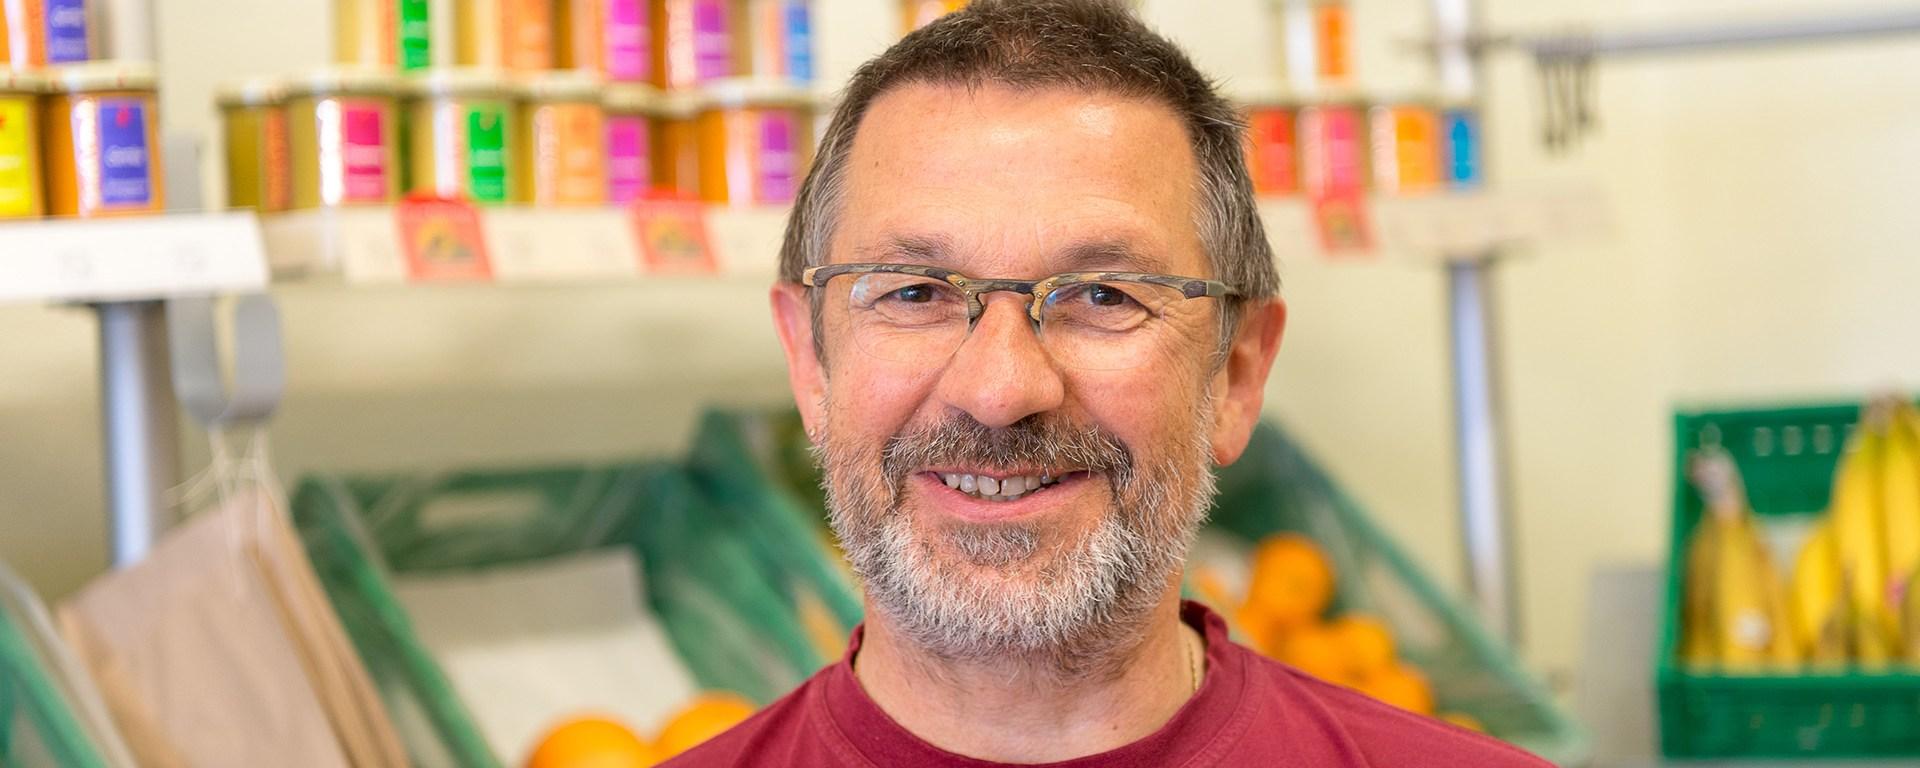 Michael Beck von dem Naturkostladen Kornblume.